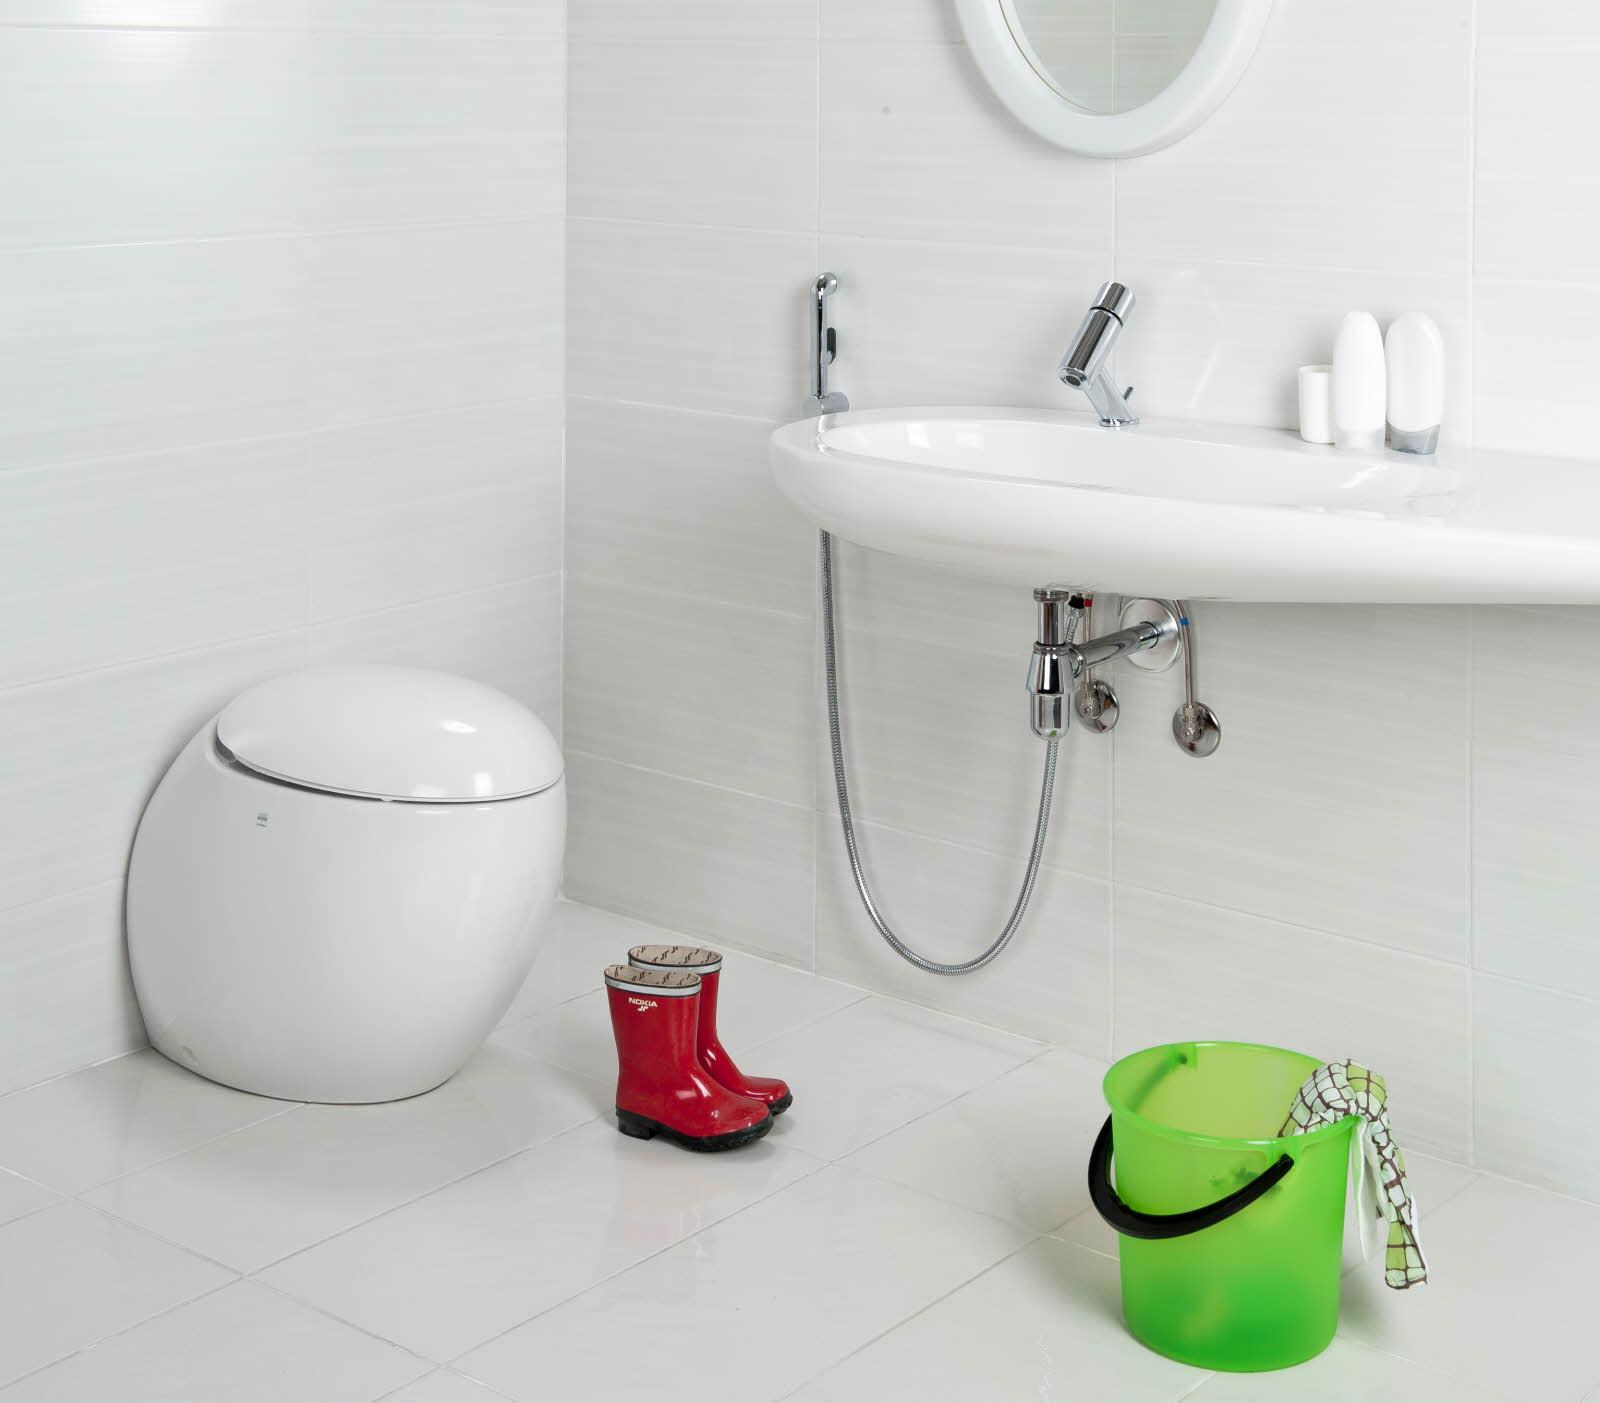 Как пользоваться гигиеническим душем в туалете - все о канализации